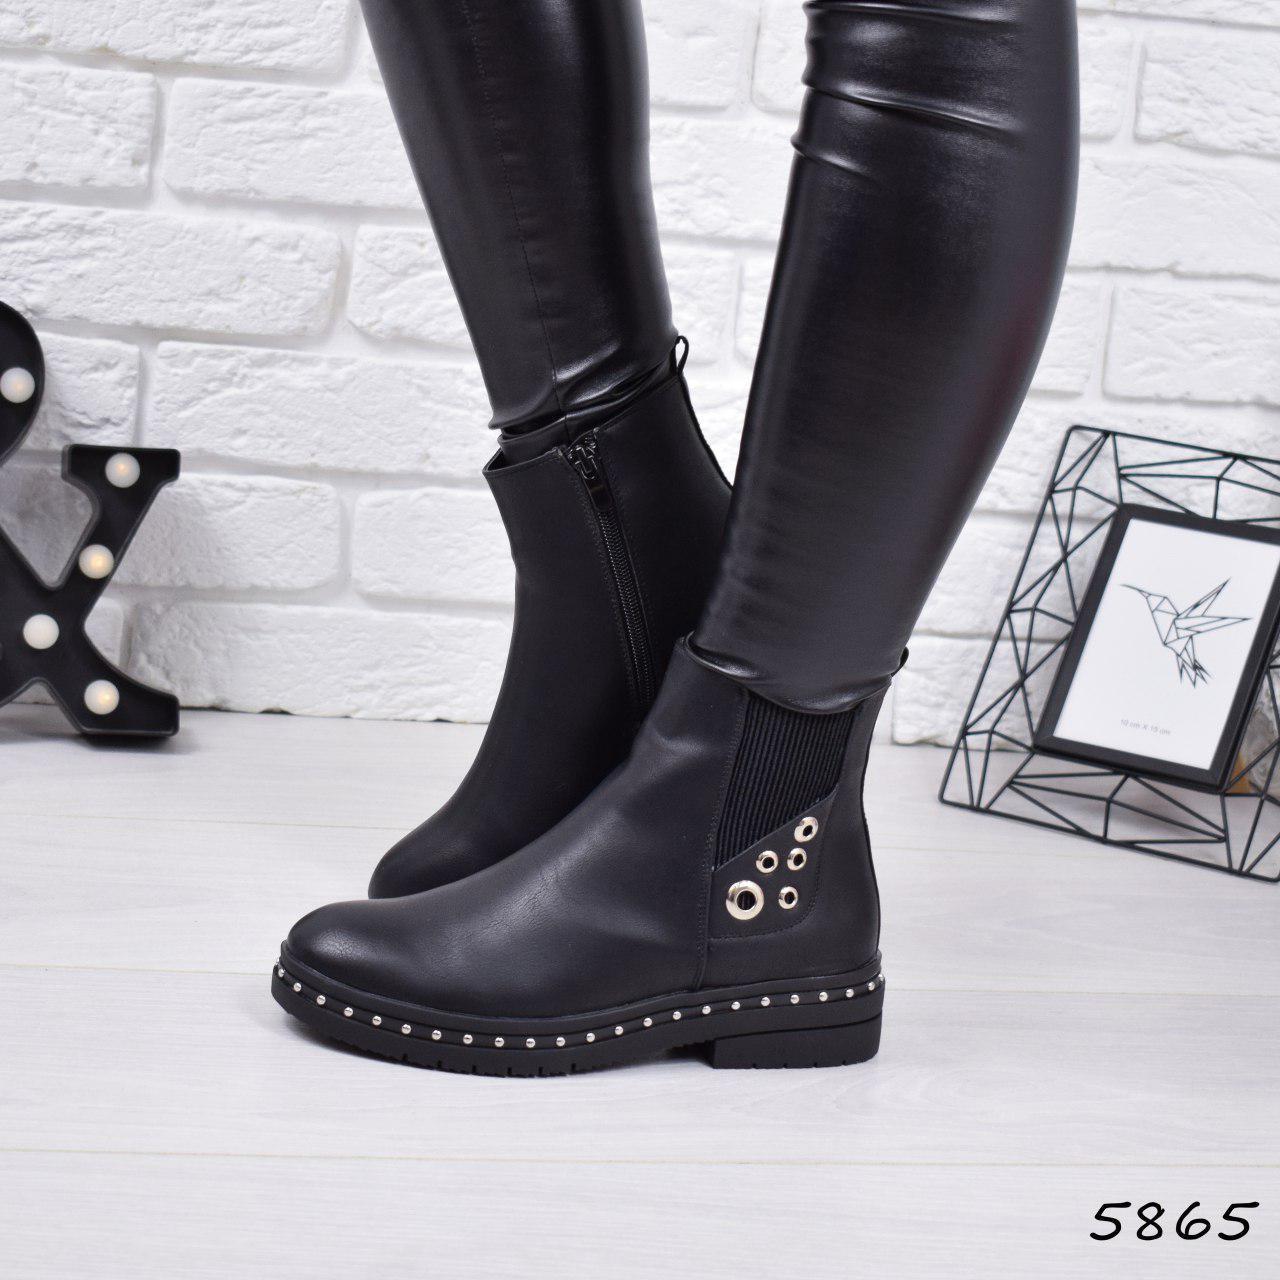 """Ботинки, ботильоны черные ЗИМА """"Bonty"""" эко кожа, повседневная, зимняя, теплая, женская обувь"""